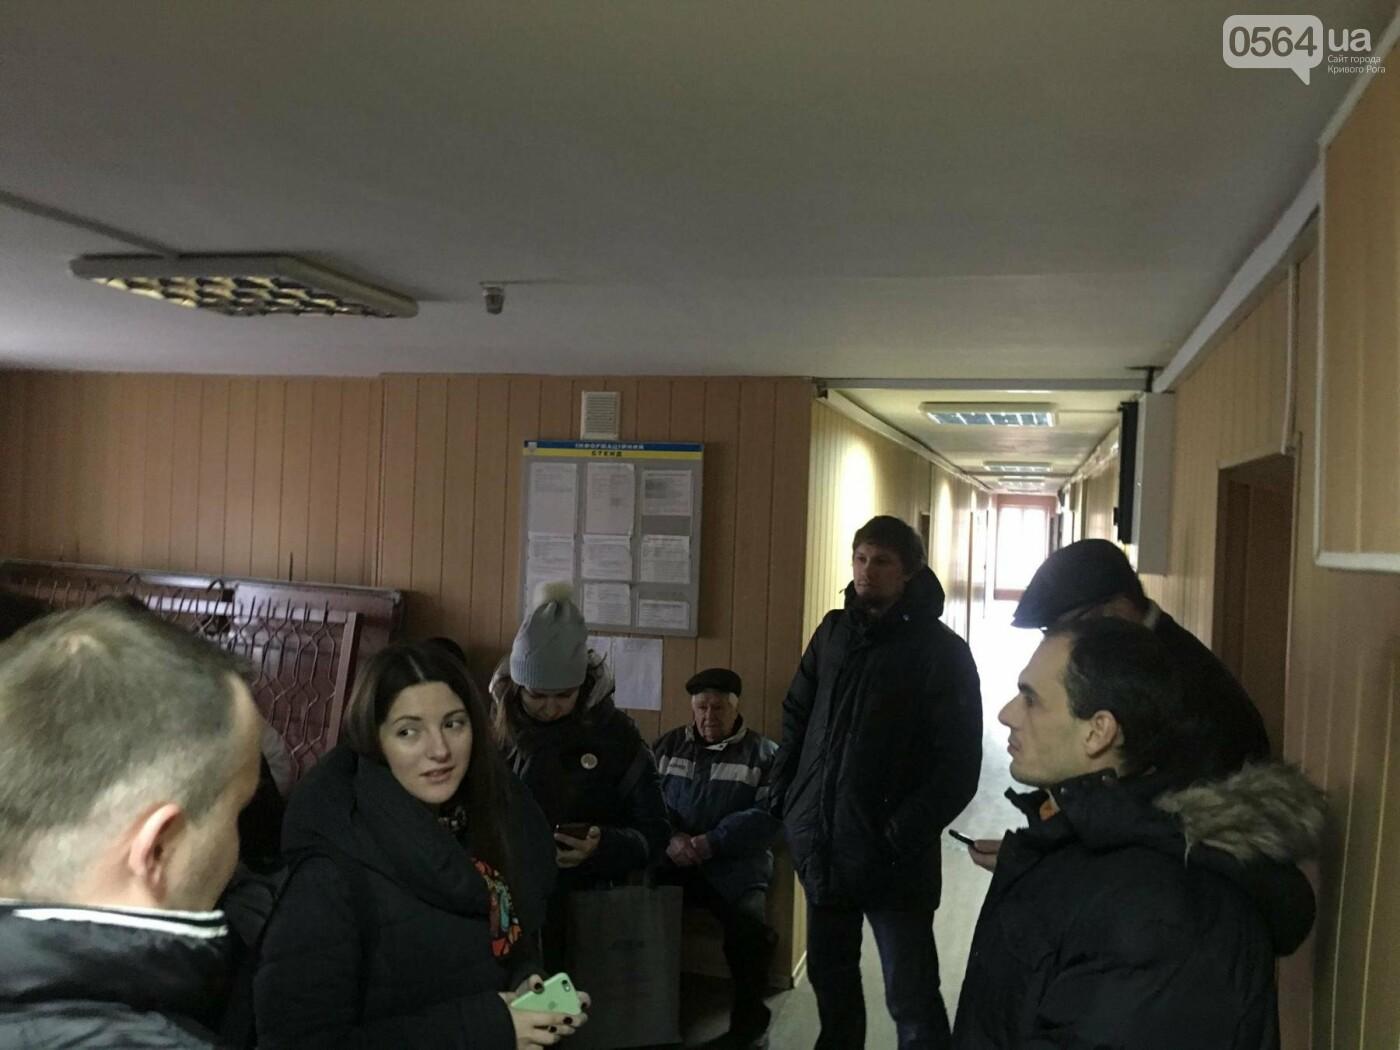 Сегодня в Кривом Роге продолжается суд над горожанином, надругавшимся над Флагом Украины (ФОТО), фото-5